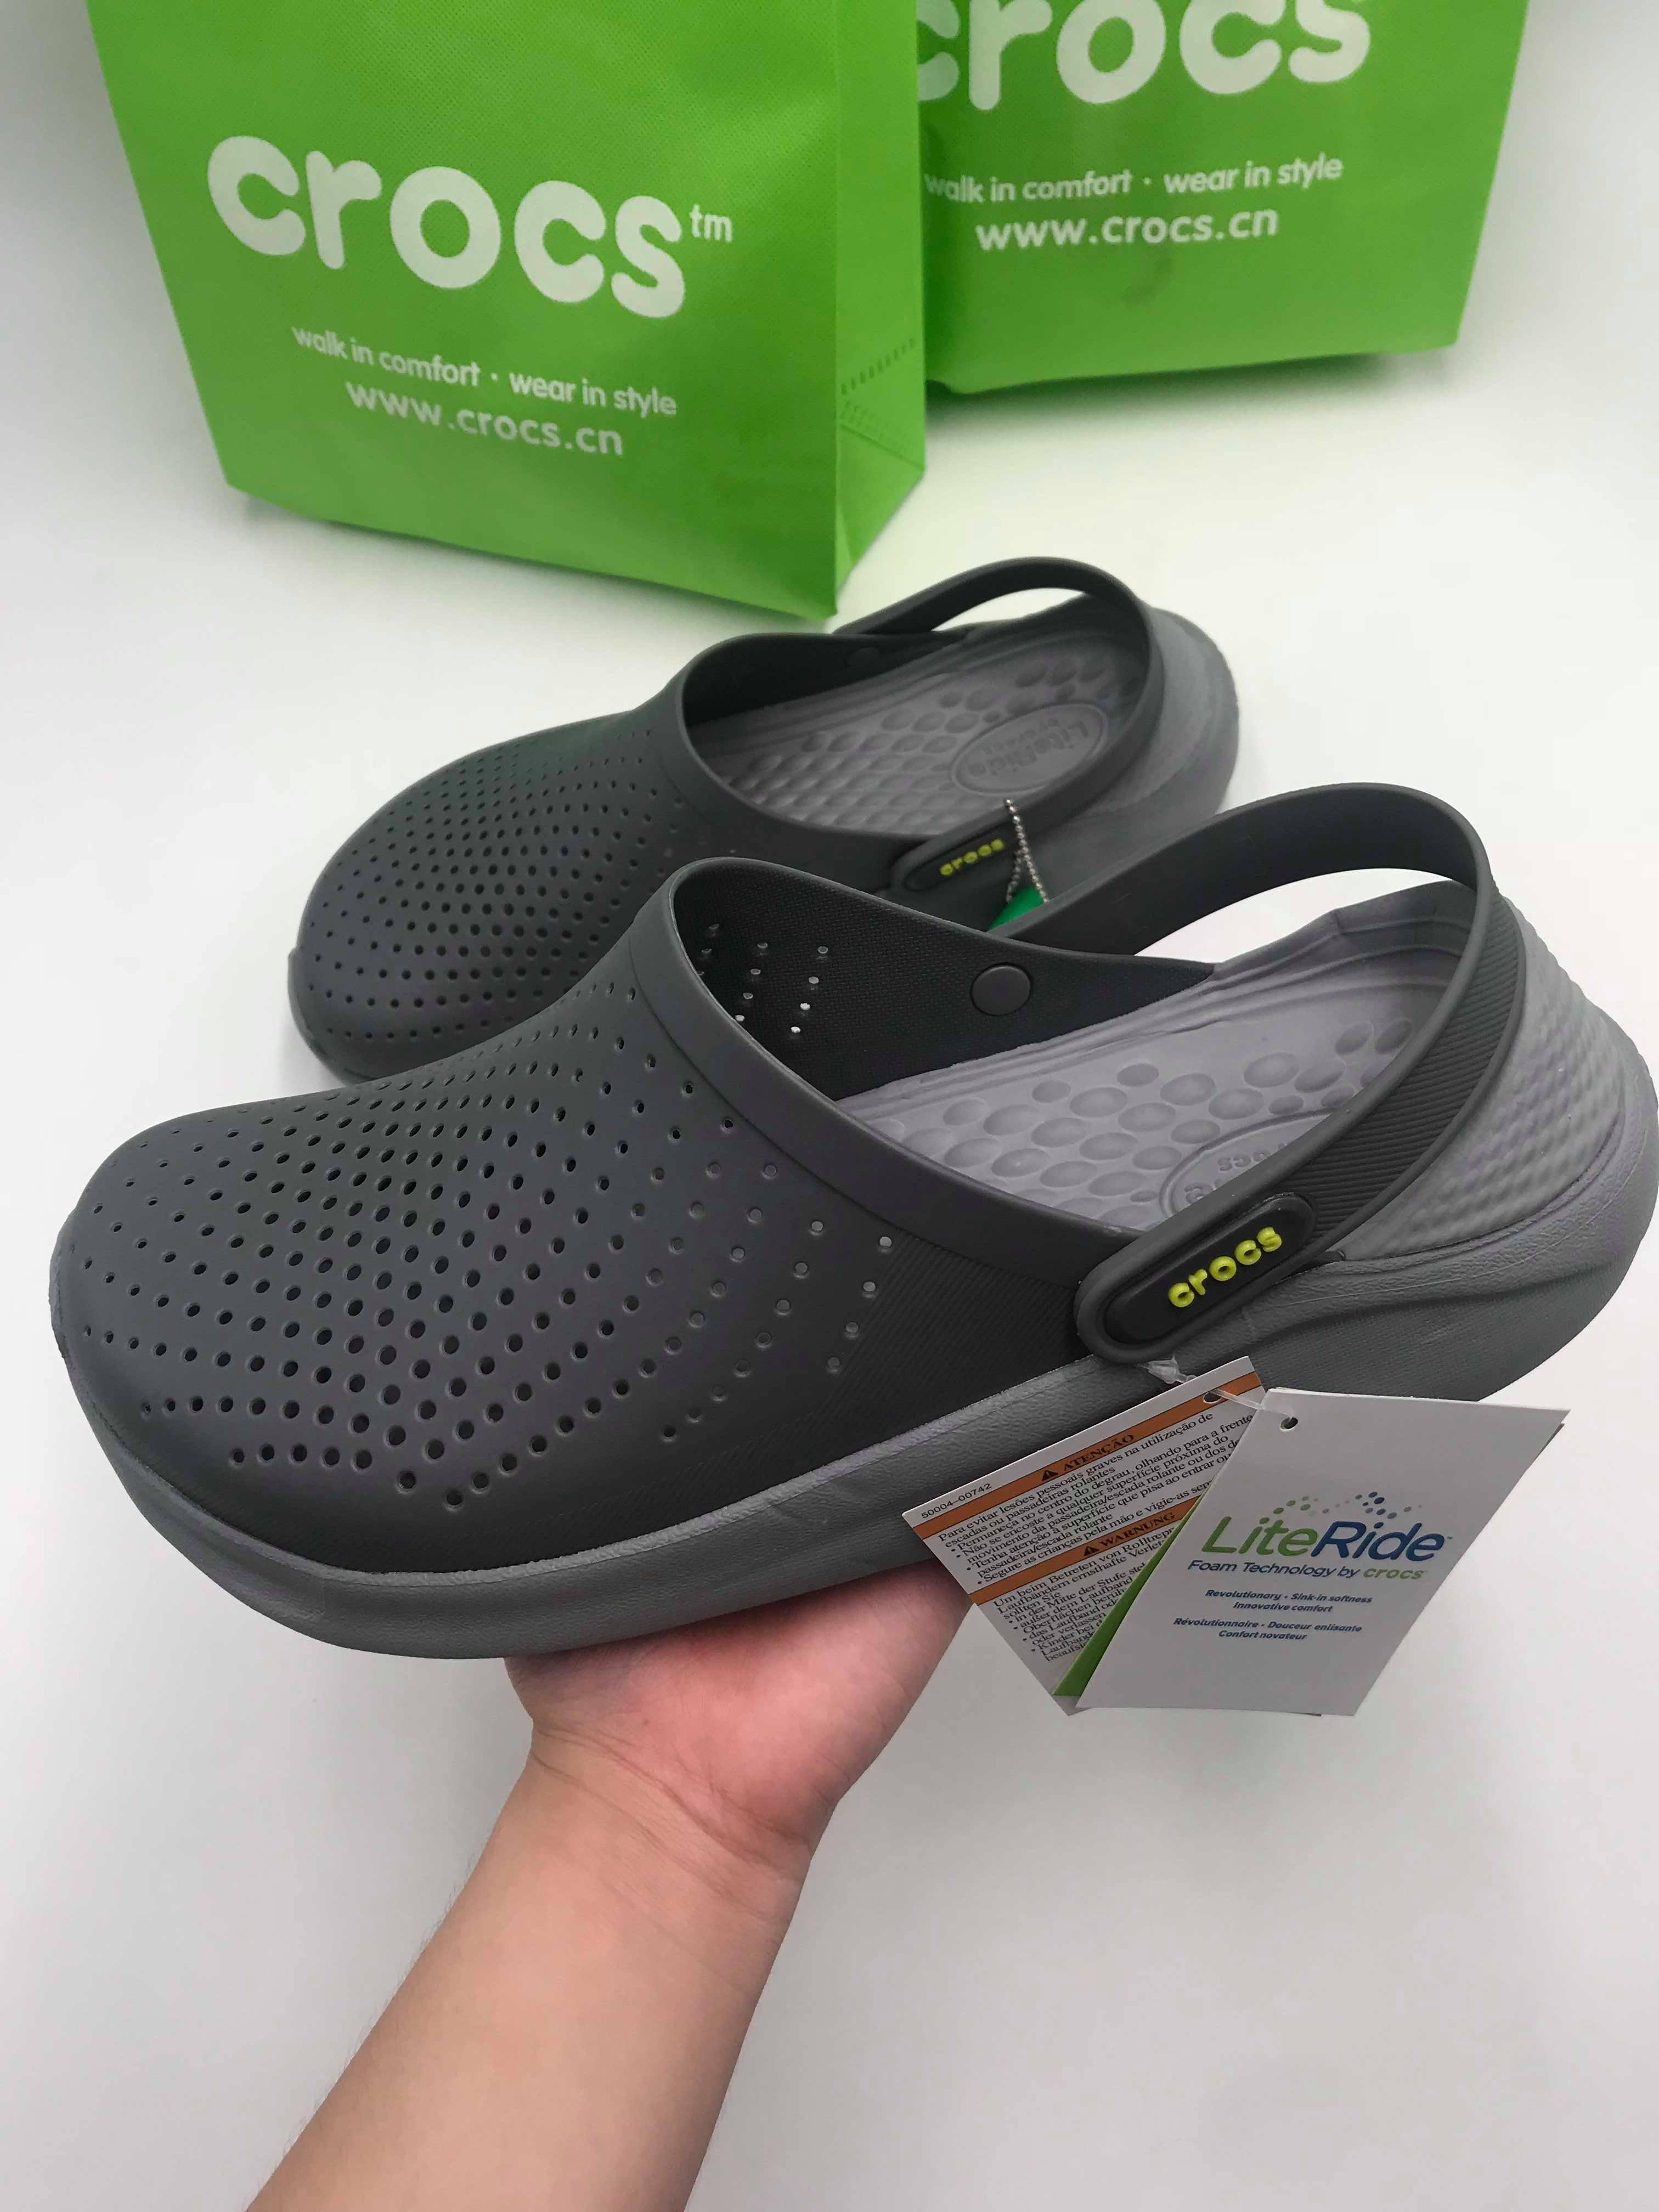 329aaaa5fc7 Crocs Philippines: Crocs price list - Crocs Flats, Flip Flops ...